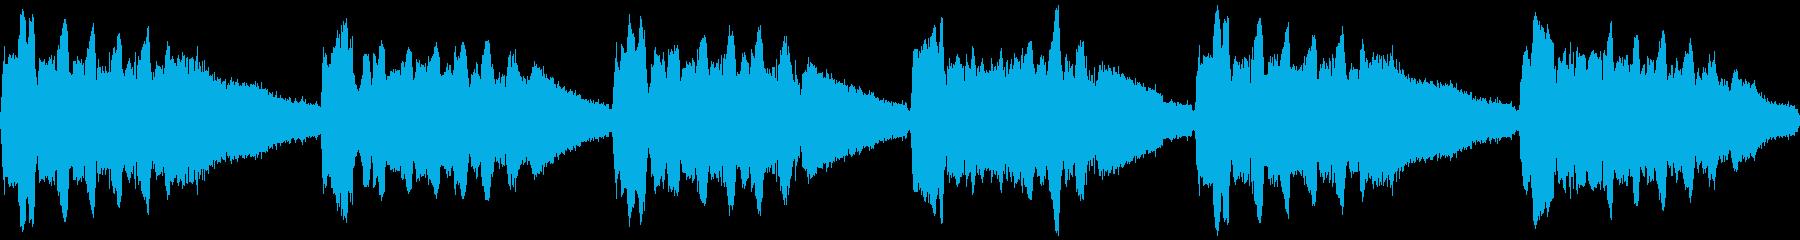 ミンミンゼミの鳴き声(近距離、一匹のみ)の再生済みの波形